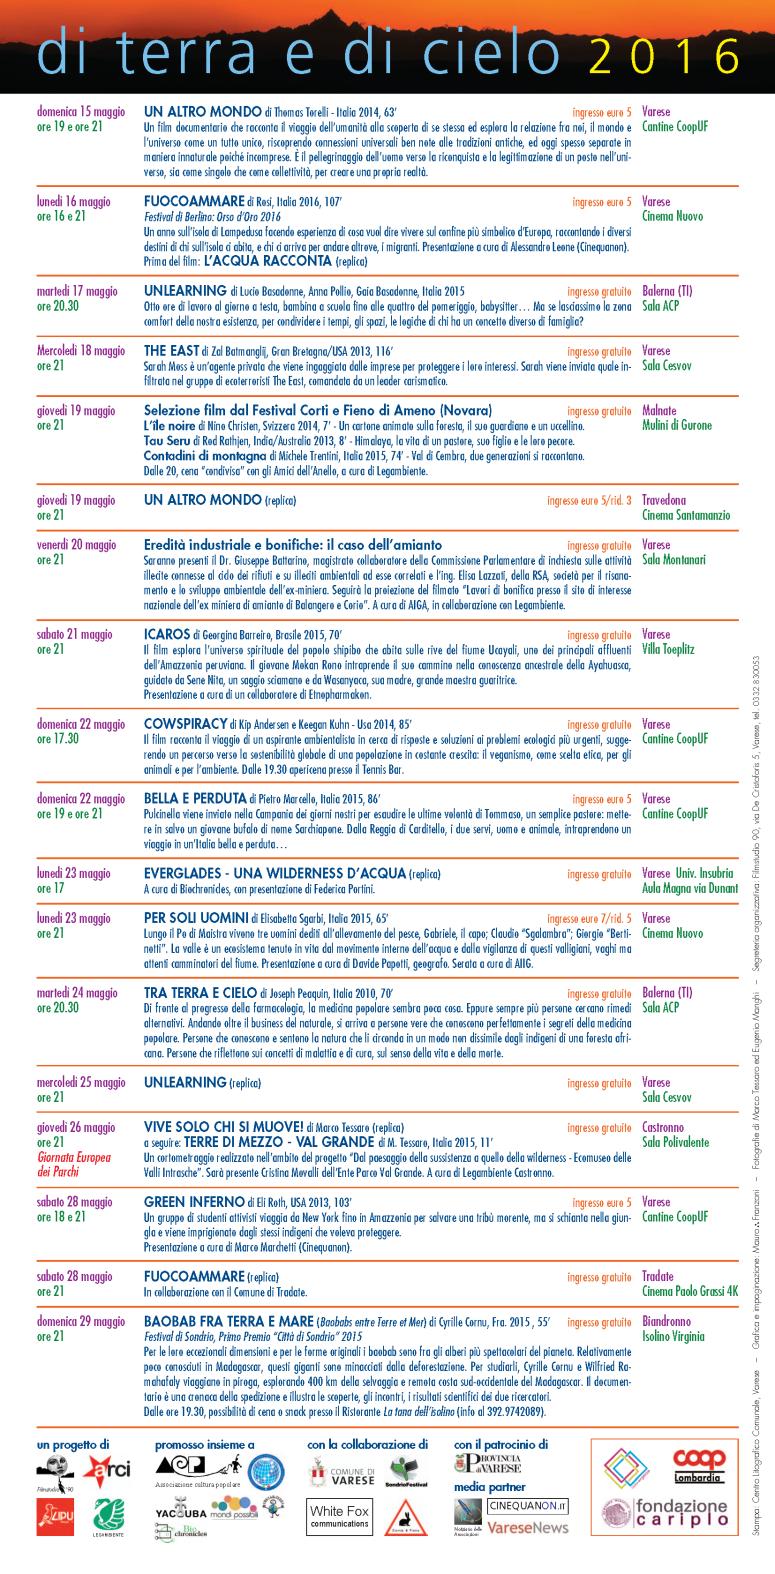 Programma DI TERRA E DI CIELO 2016_Pagina_2